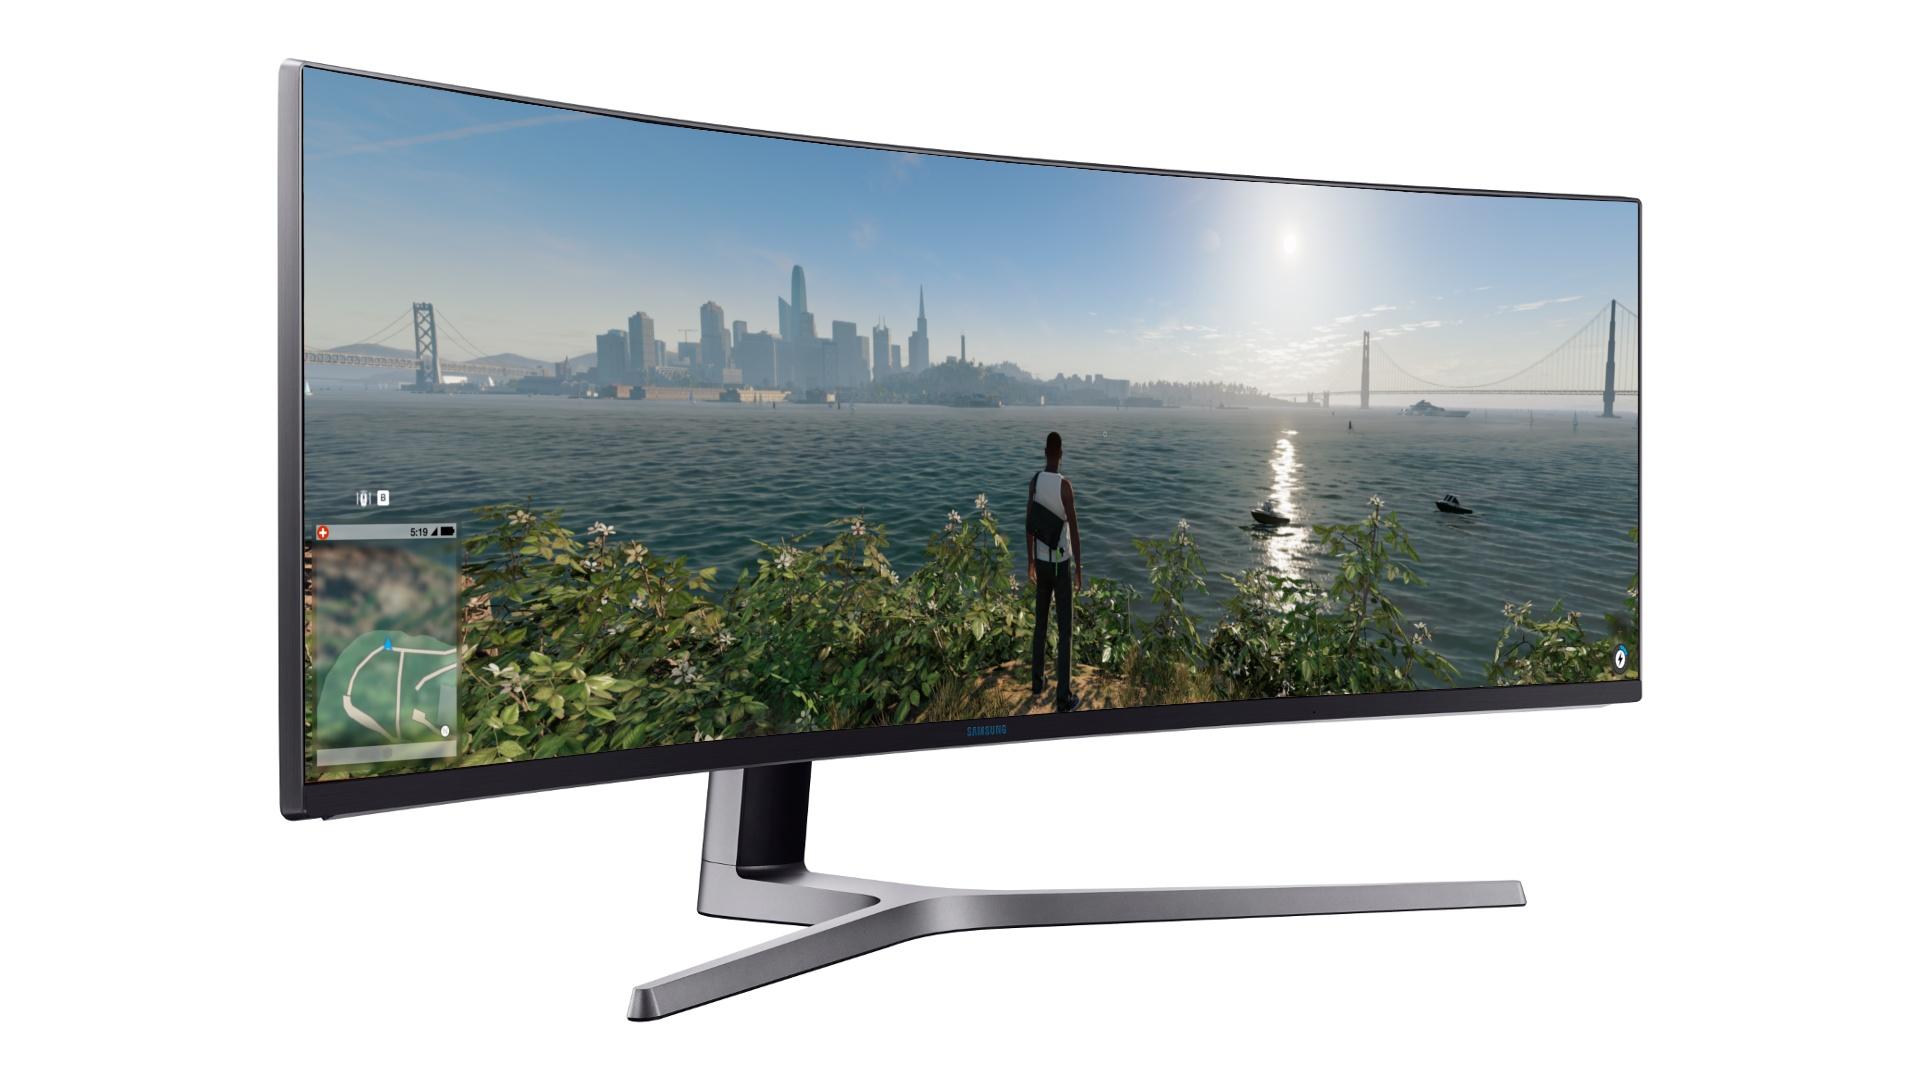 Samsung C9HG9 im Test - Riesiger 9:9-Monitor für Spieler